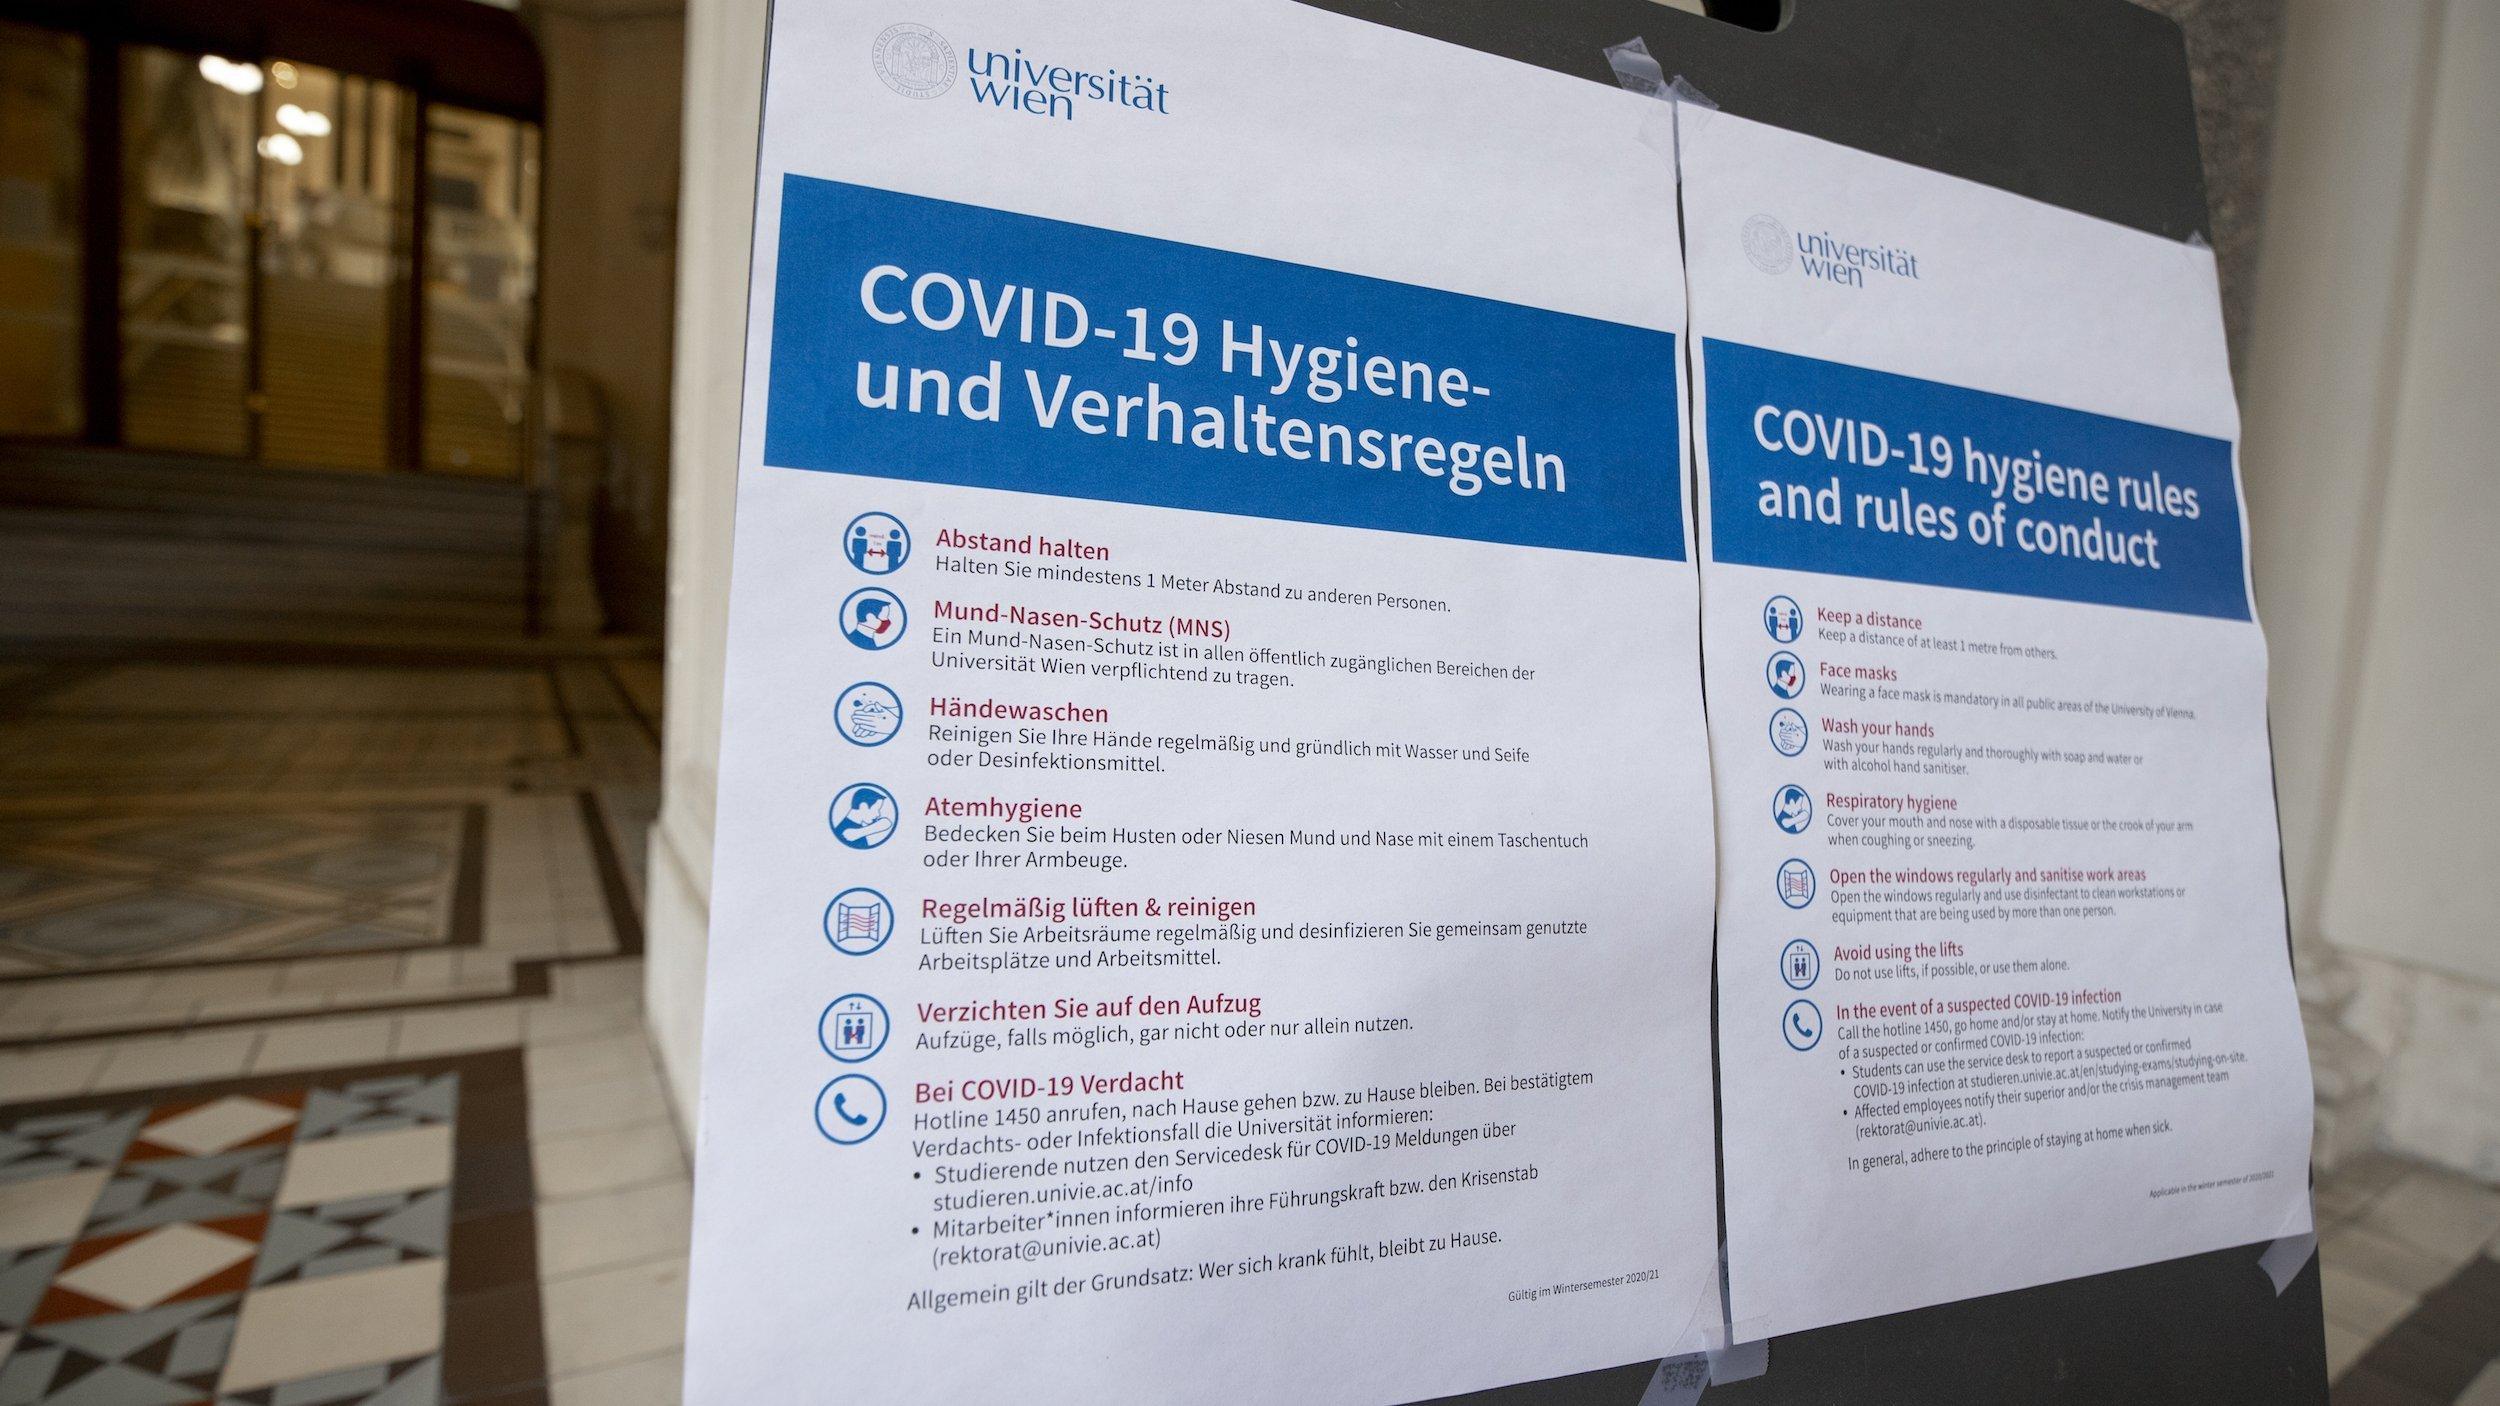 Hinweistafeln zu COVID-19Verhaltensregeln im Universitätsgebäude. der Uni Wien, im Januar 2021.